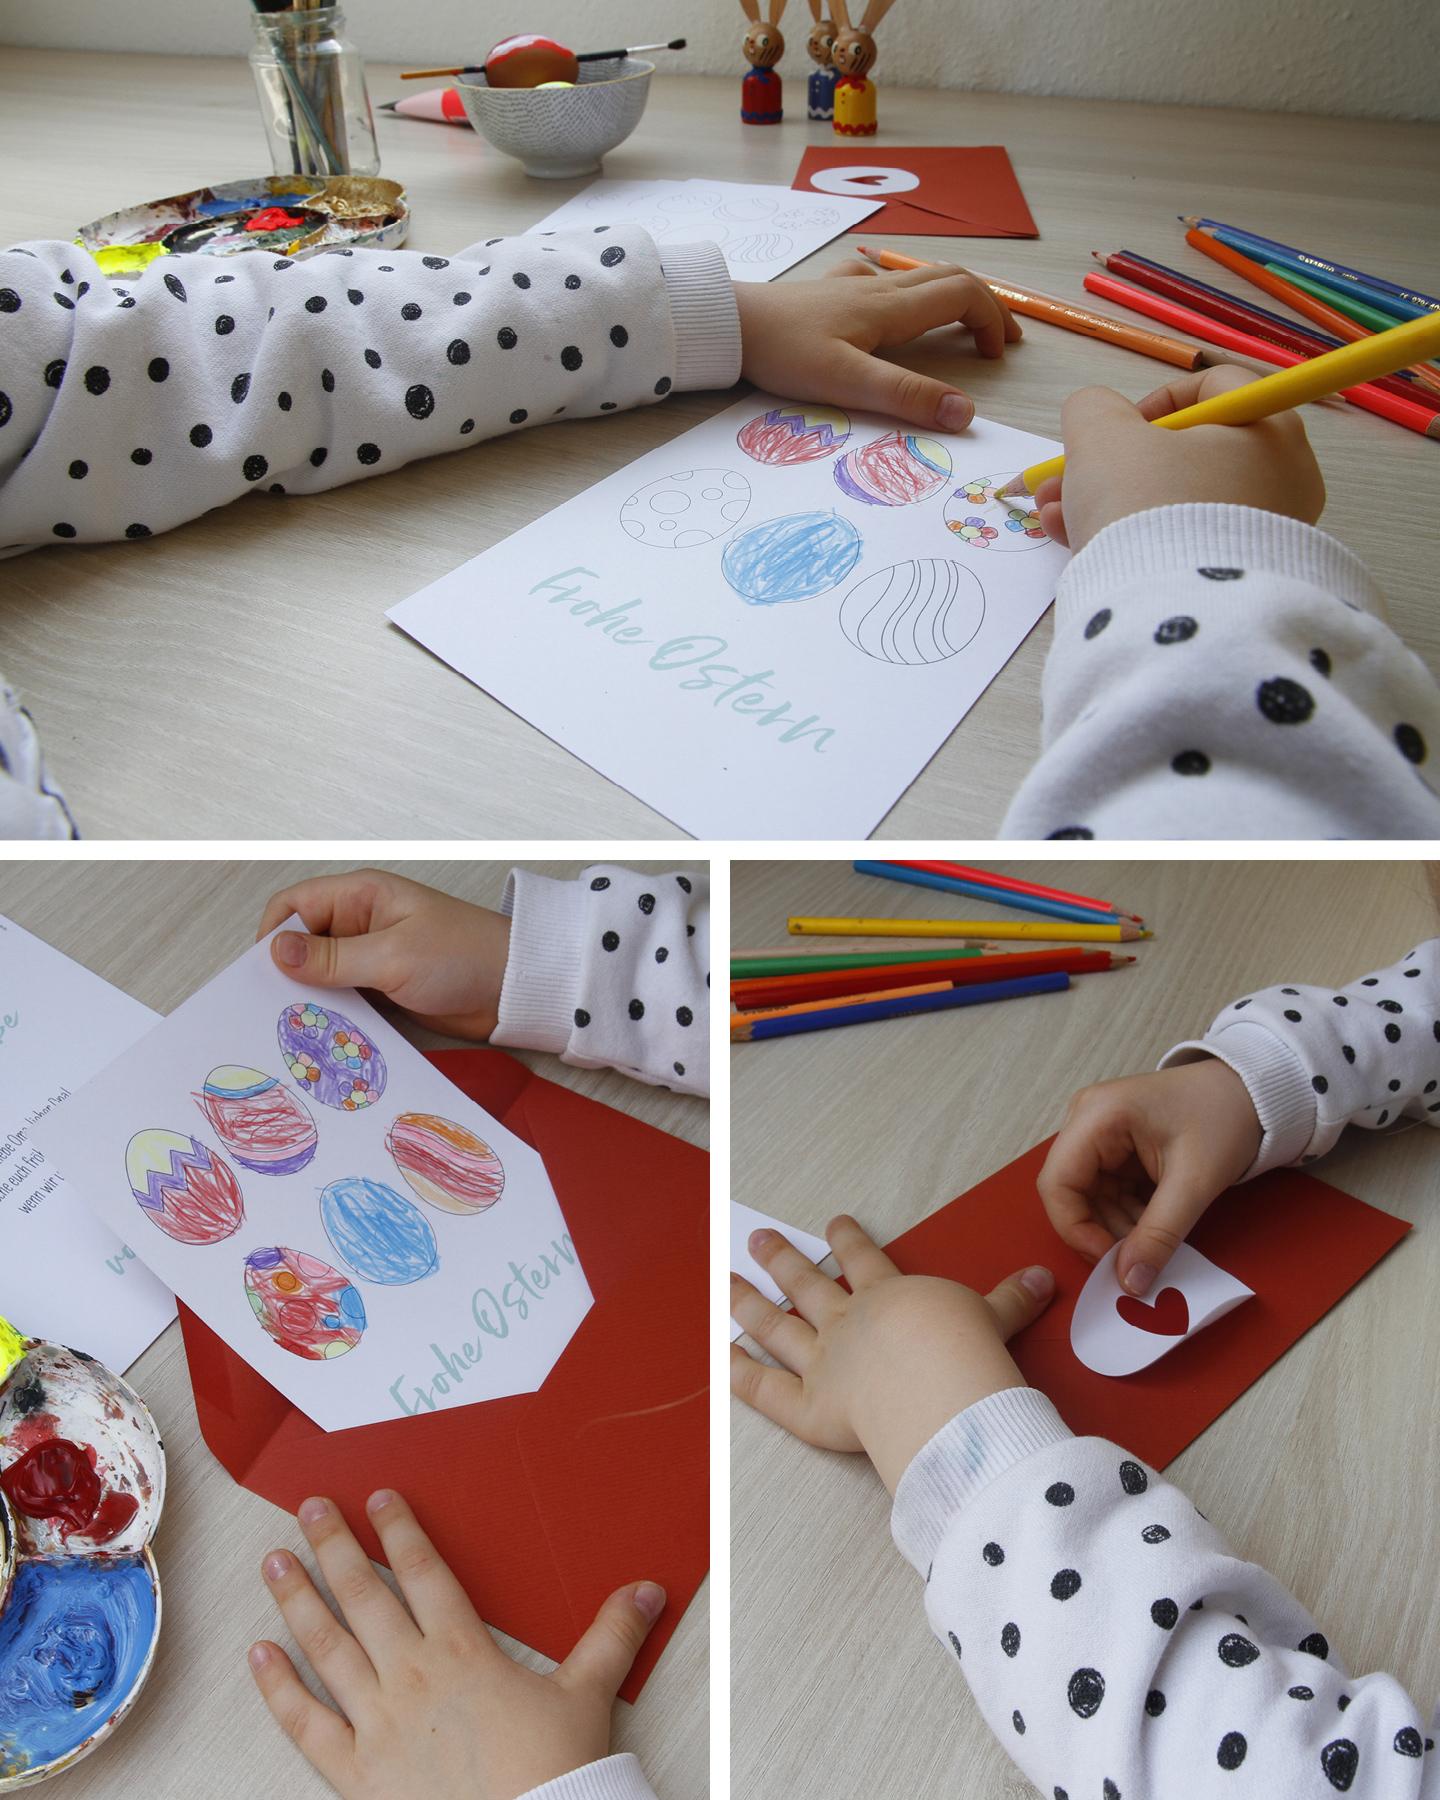 Ausmalkarten Basteln zu Ostern: Kind malt Osterkarte mit Buntstiften aus.